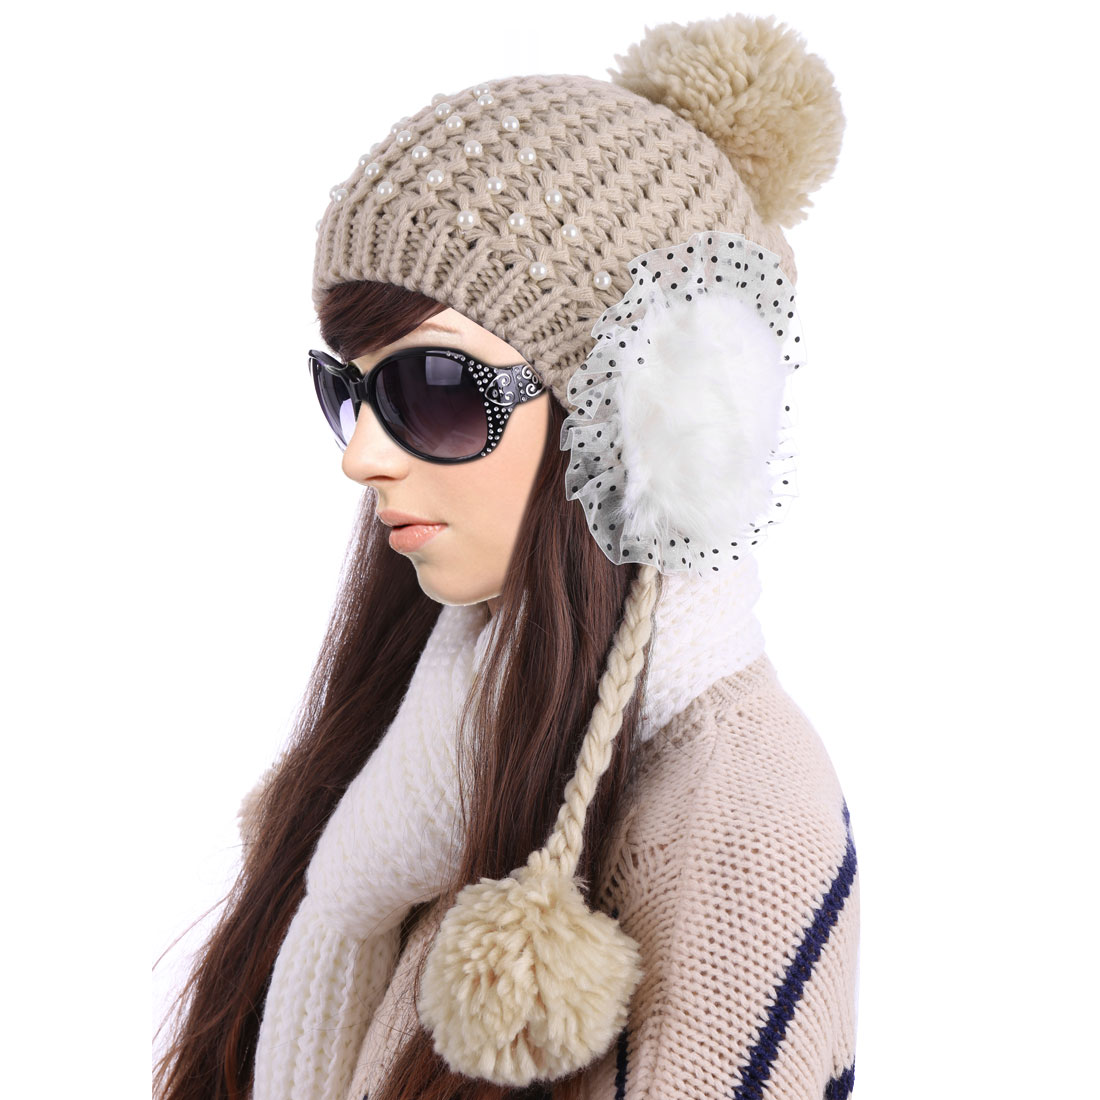 Women's Khaki Pom Pom Ear Flap Knitted Warm Patchwork Hat